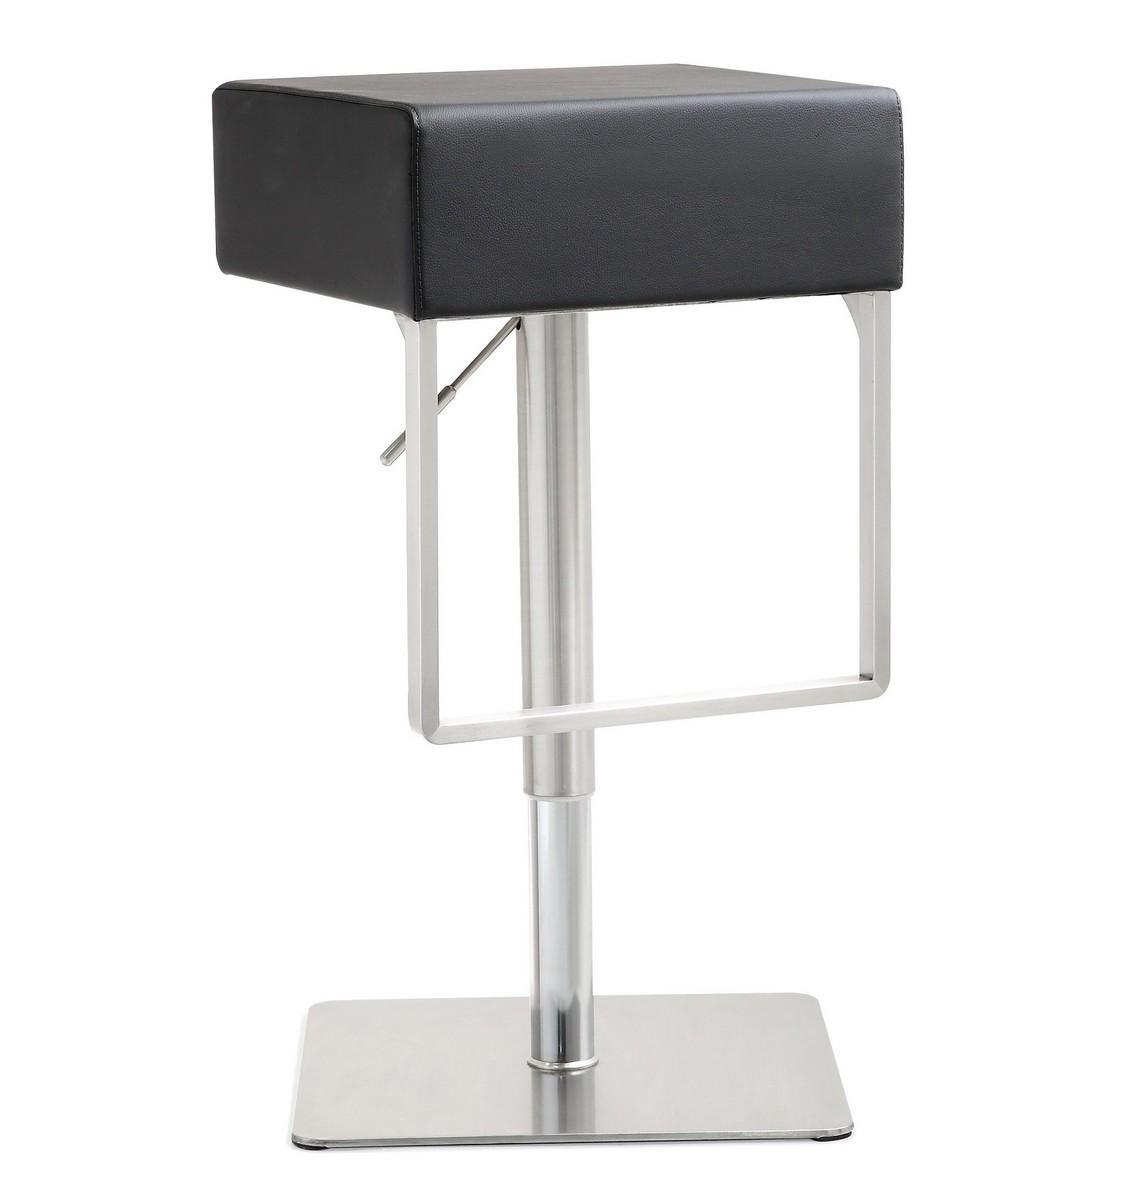 TOV Furniture Seville Black Stainless Steel Barstool